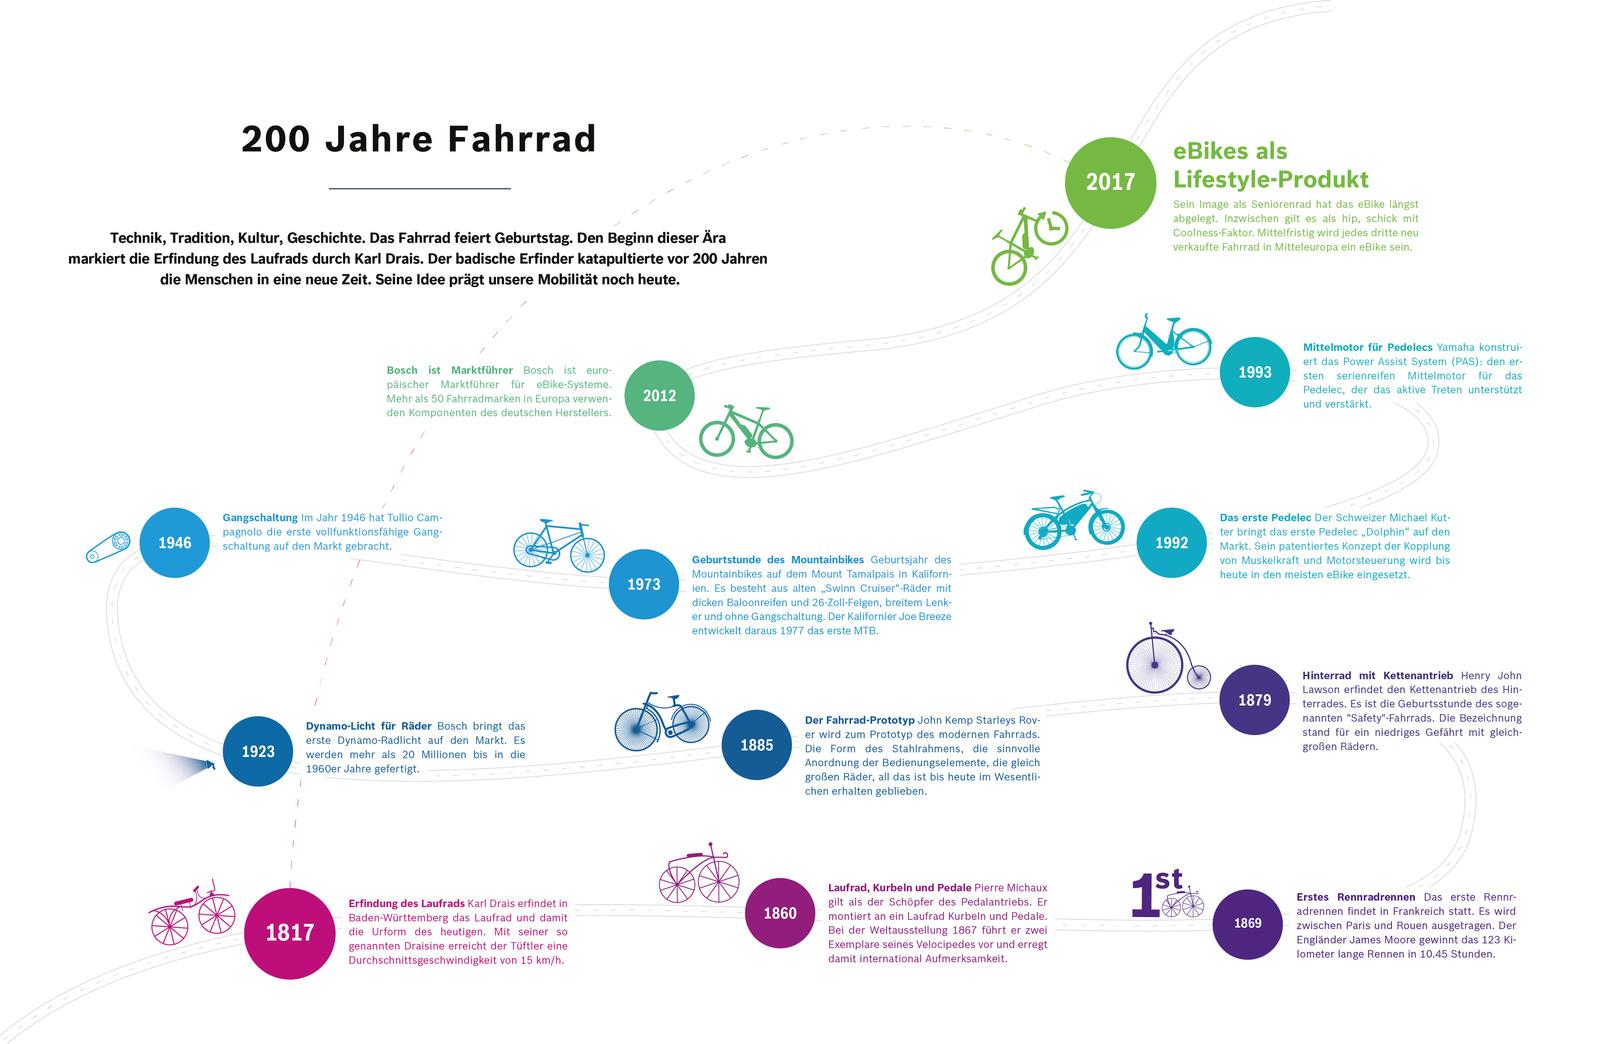 Technik, Tradition, Kultur, Geschichte: Das Fahrrad feiert Geburtstag.